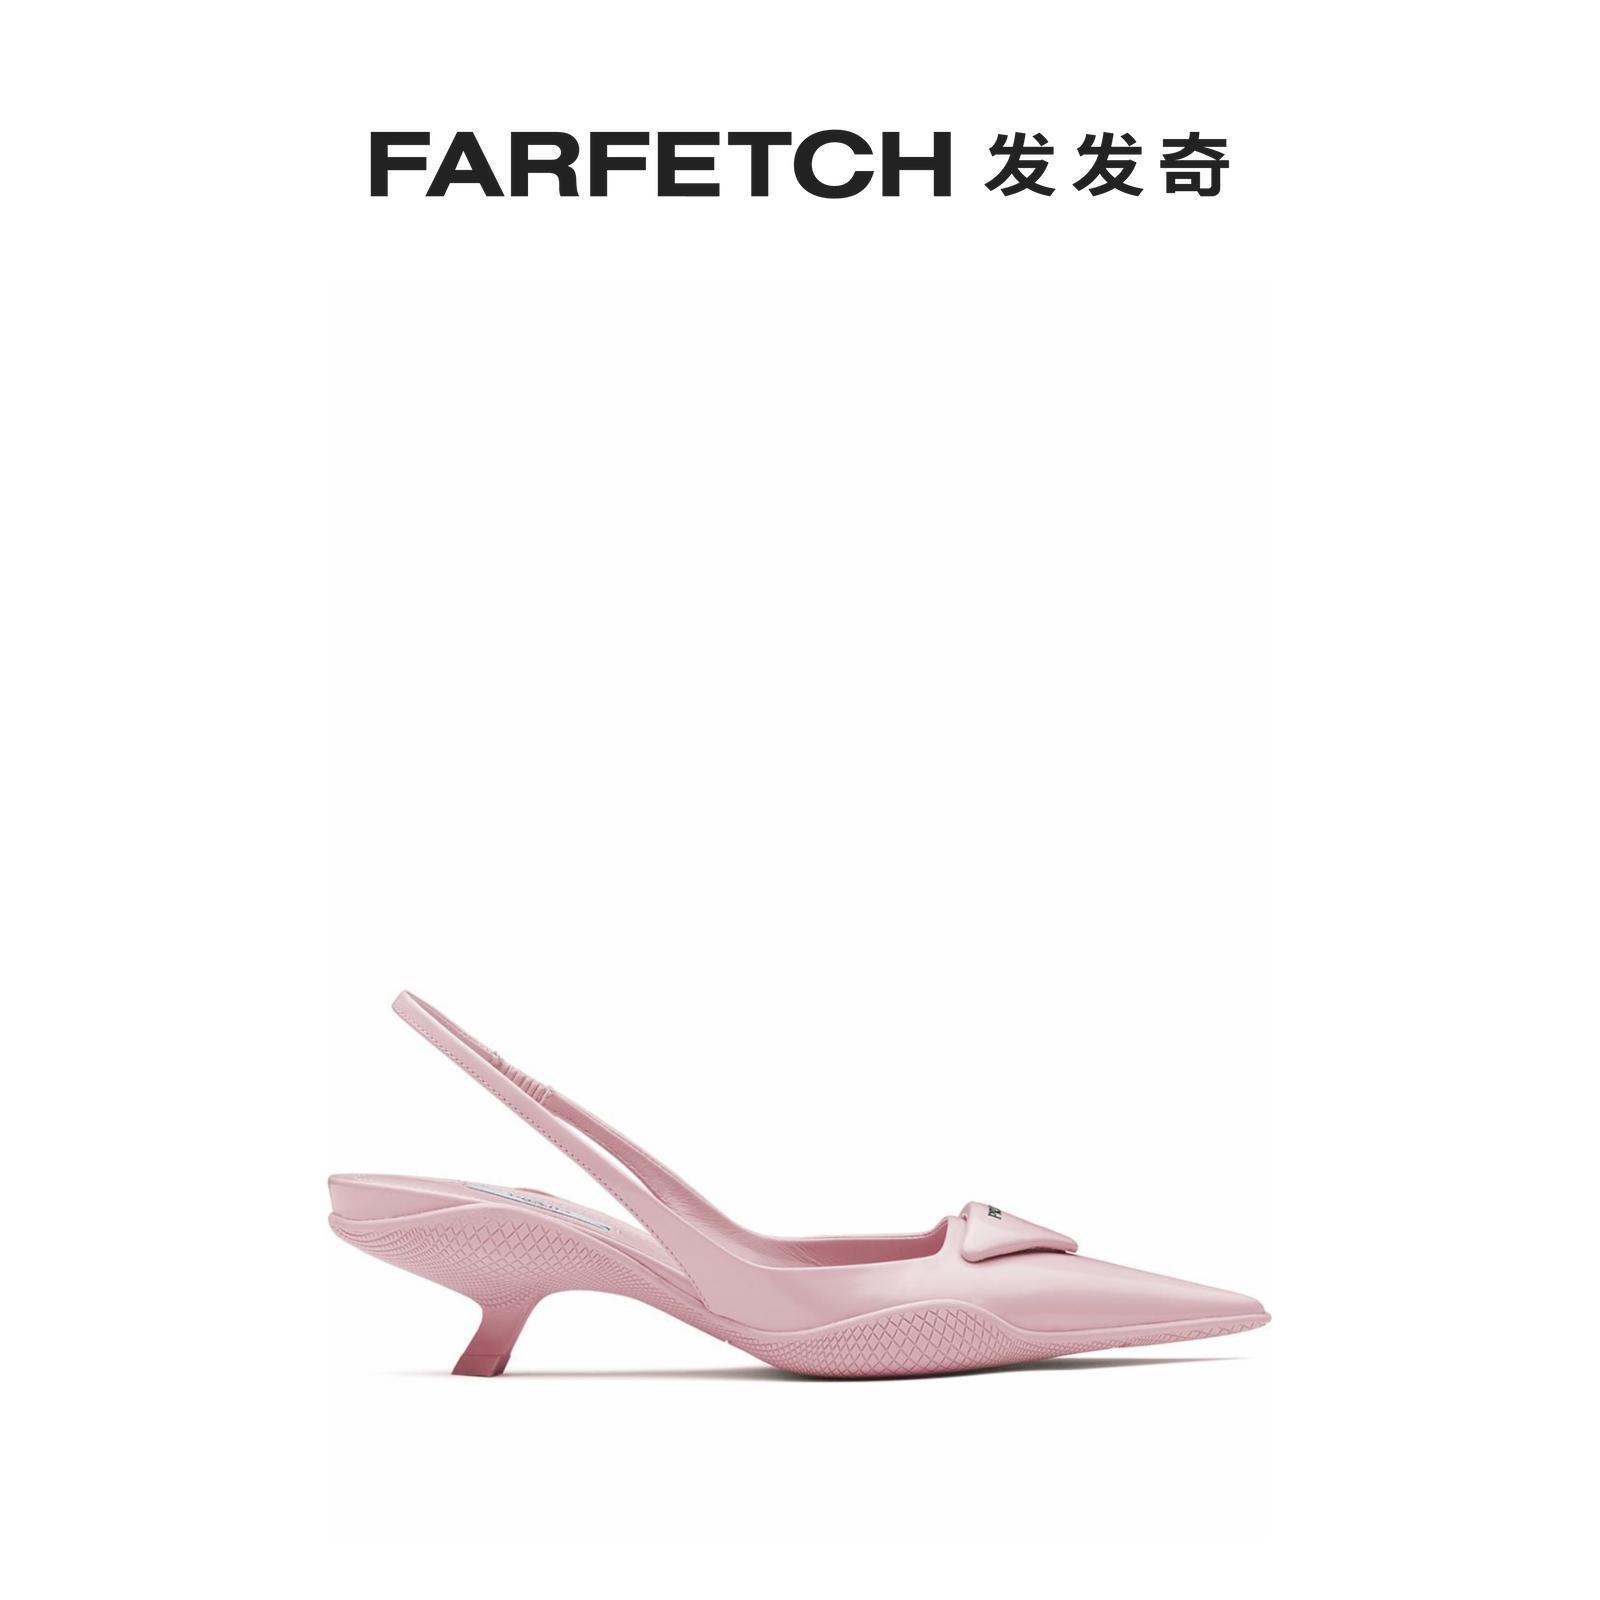 prada尖头鞋 [新品]Prada普拉达女士华达呢裹踝尖头高跟鞋FARFETCH发发奇_推荐淘宝好看的女prada尖头鞋